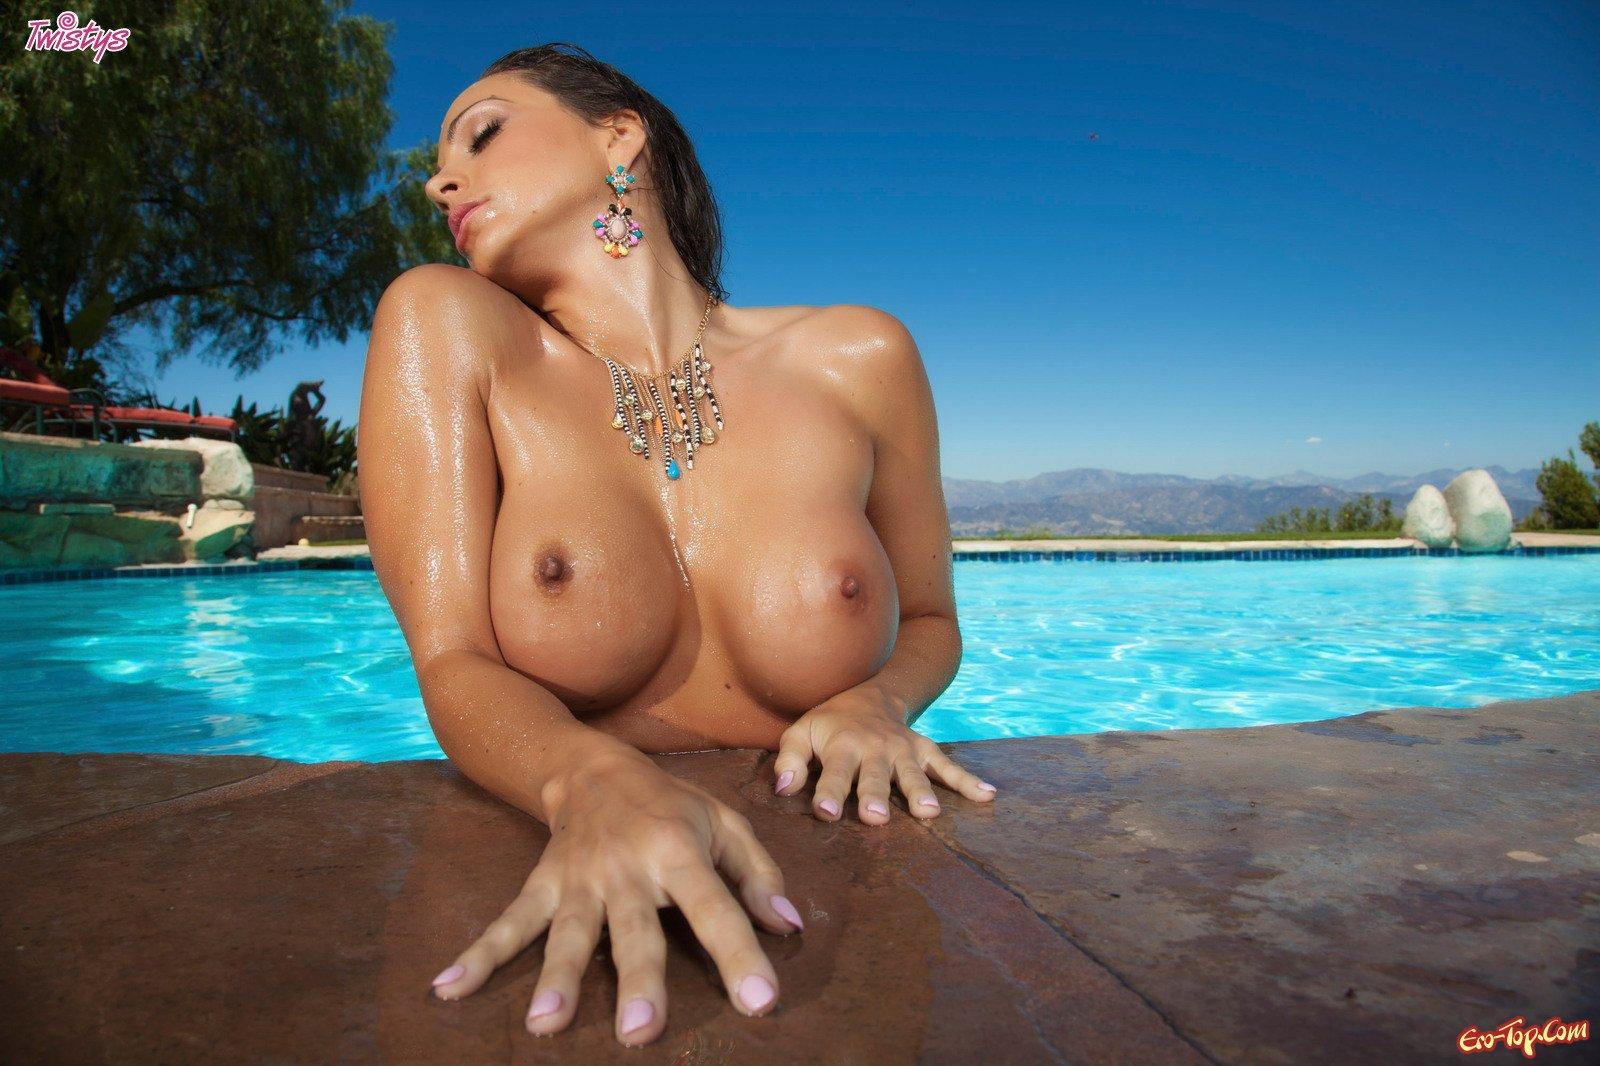 Супер деваха с громадными грудями